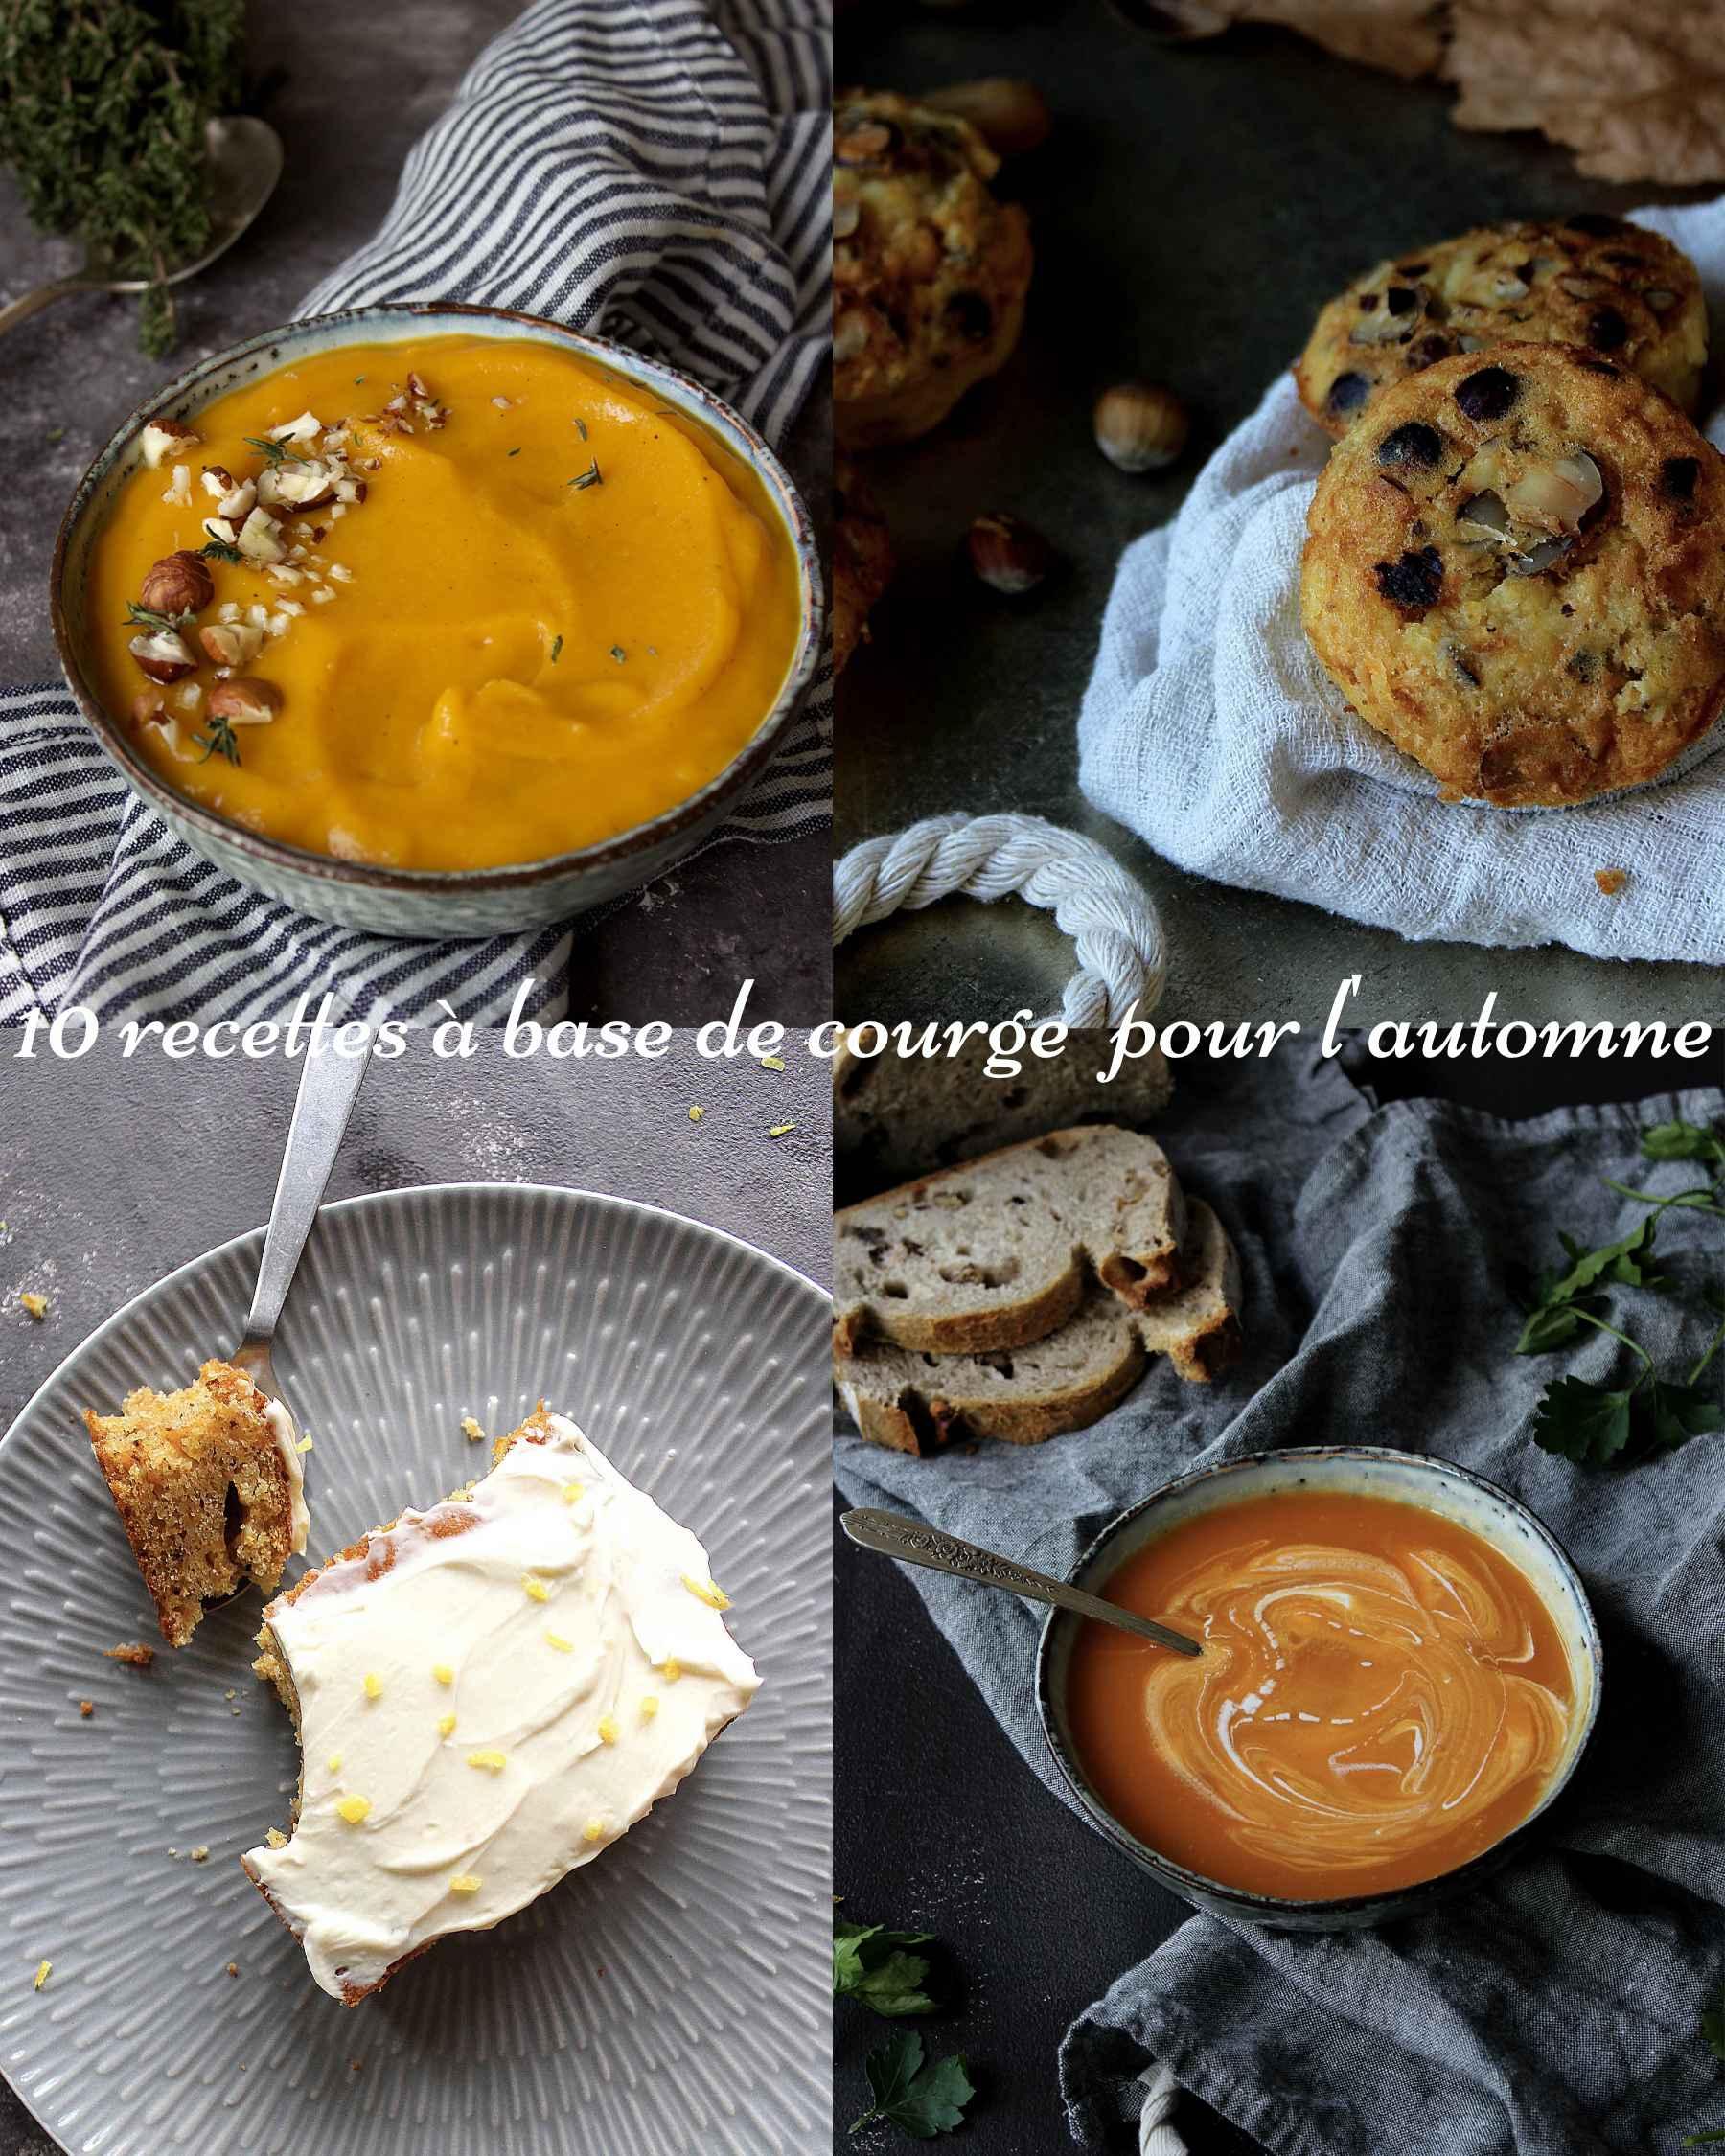 10 délicieuses recettes à base de courge à faire cet automne